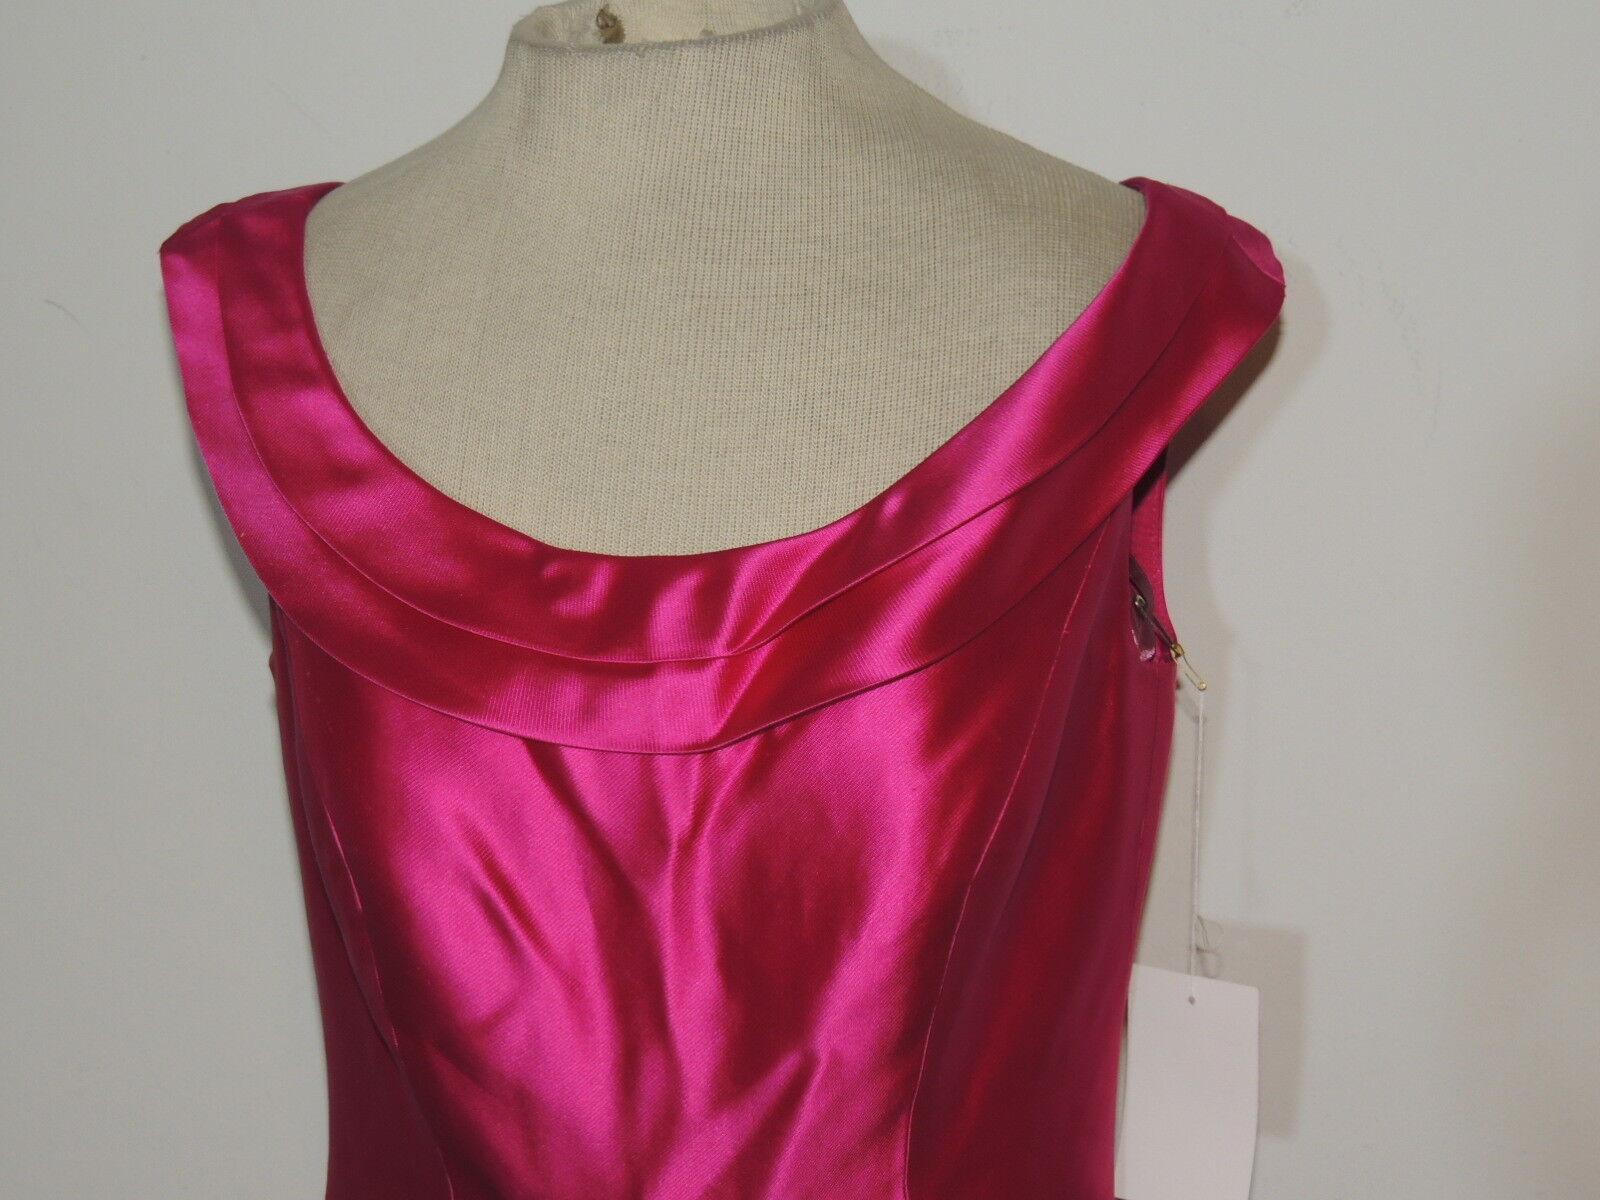 Sample Fuchsia Silk Twill Dress w Overskirt sz sz sz 8 NWT 4f952d